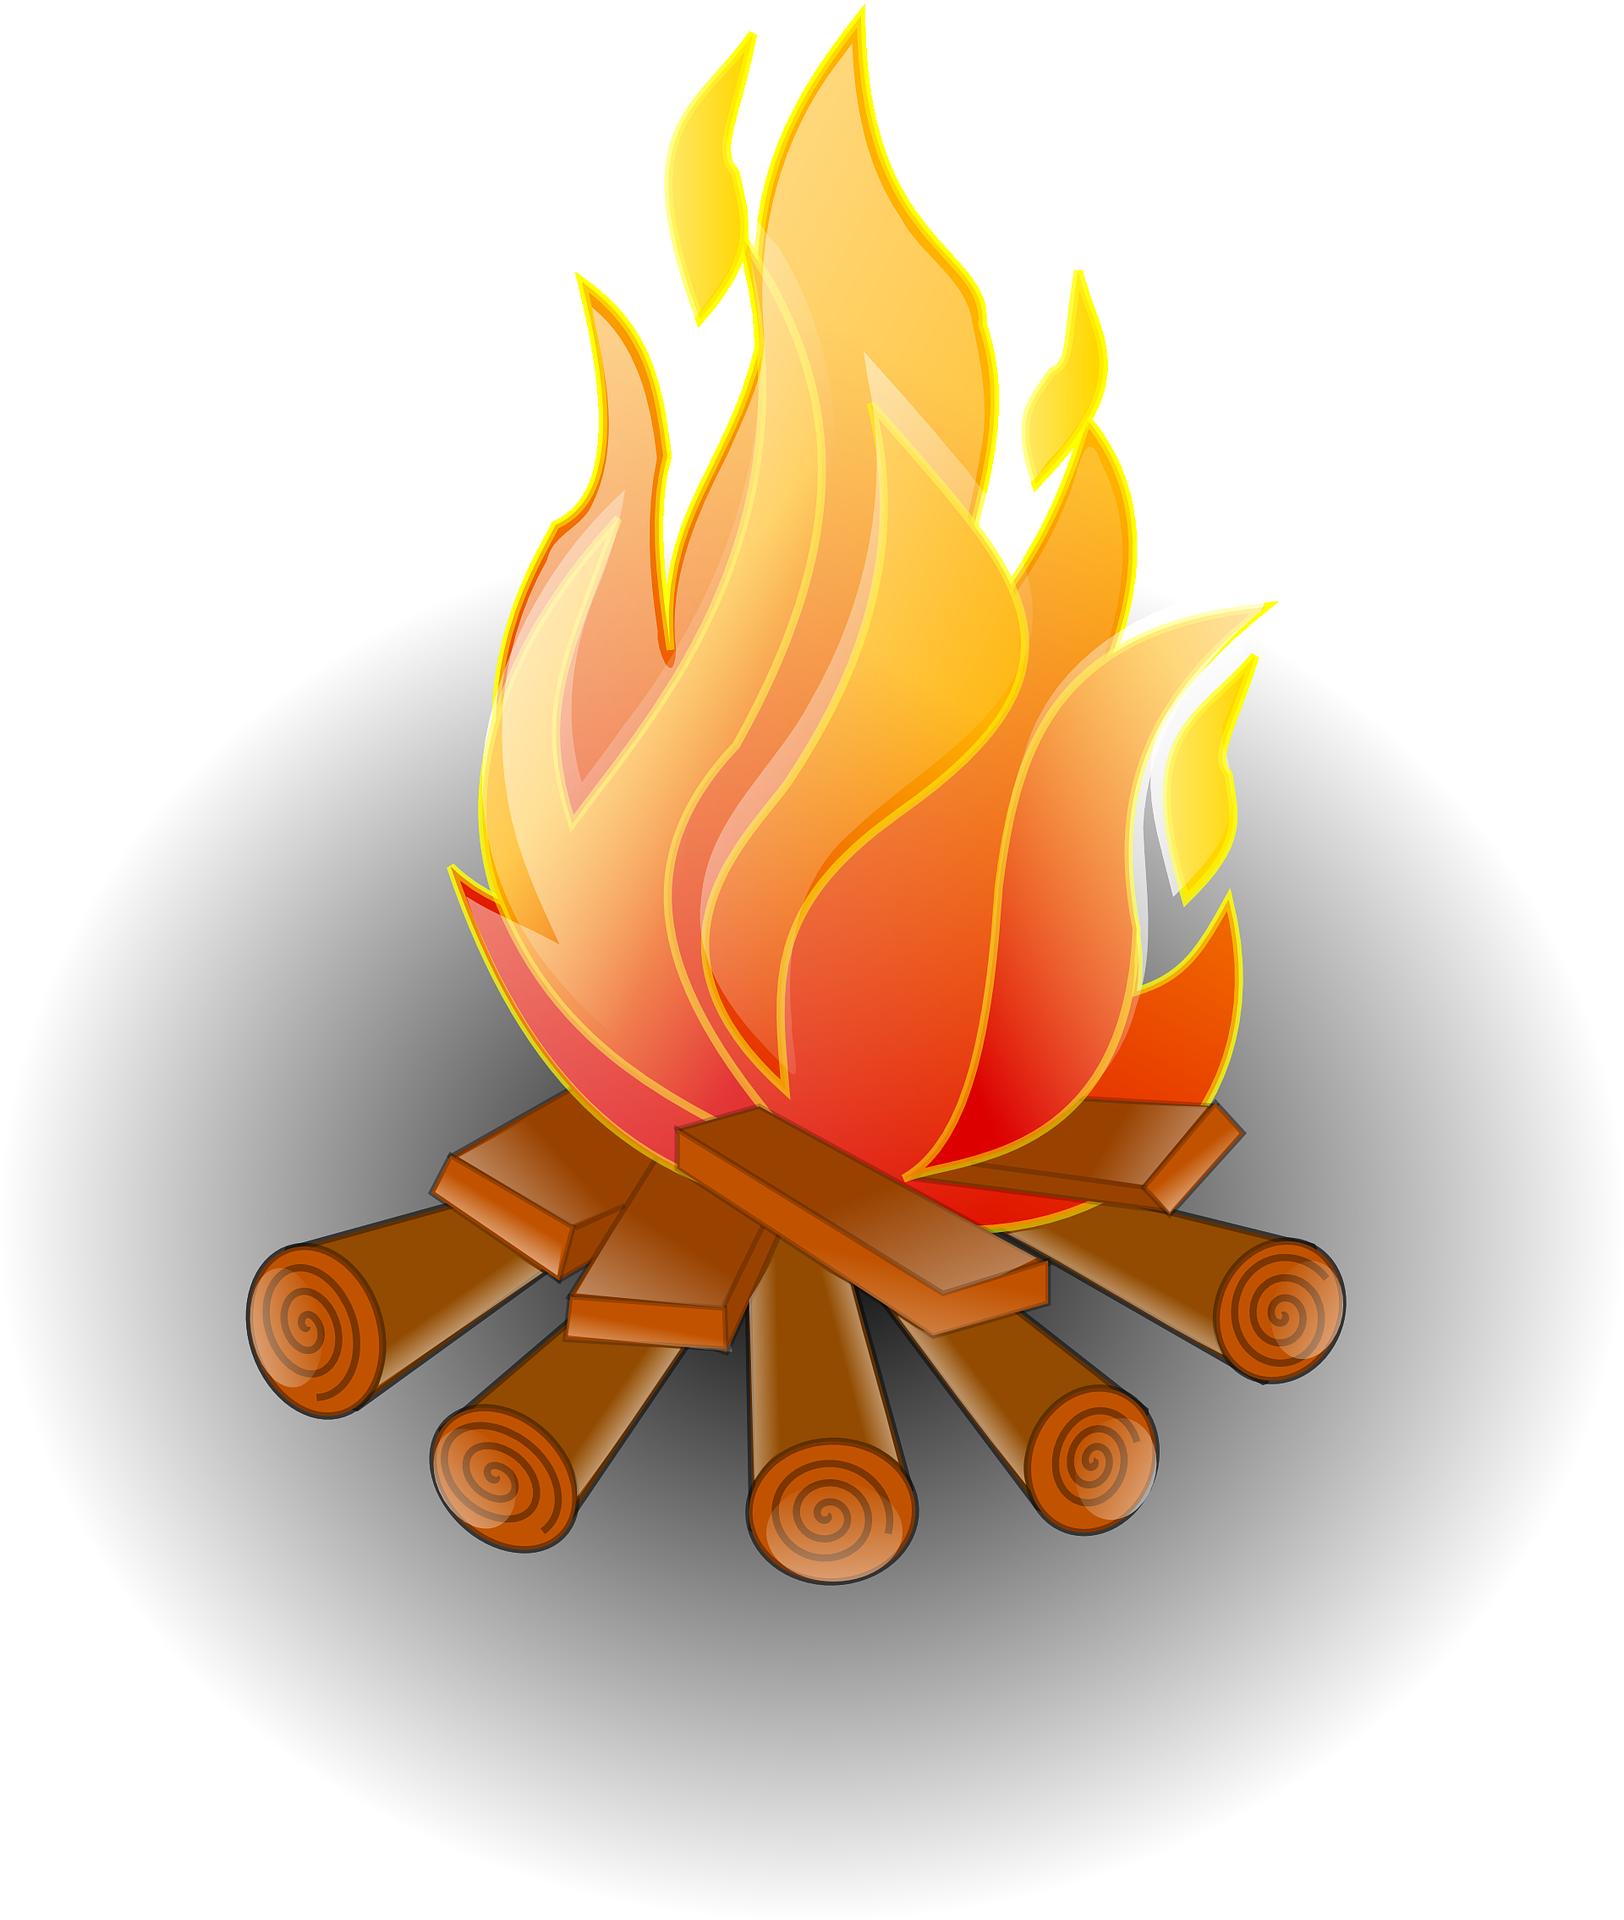 fire-25743